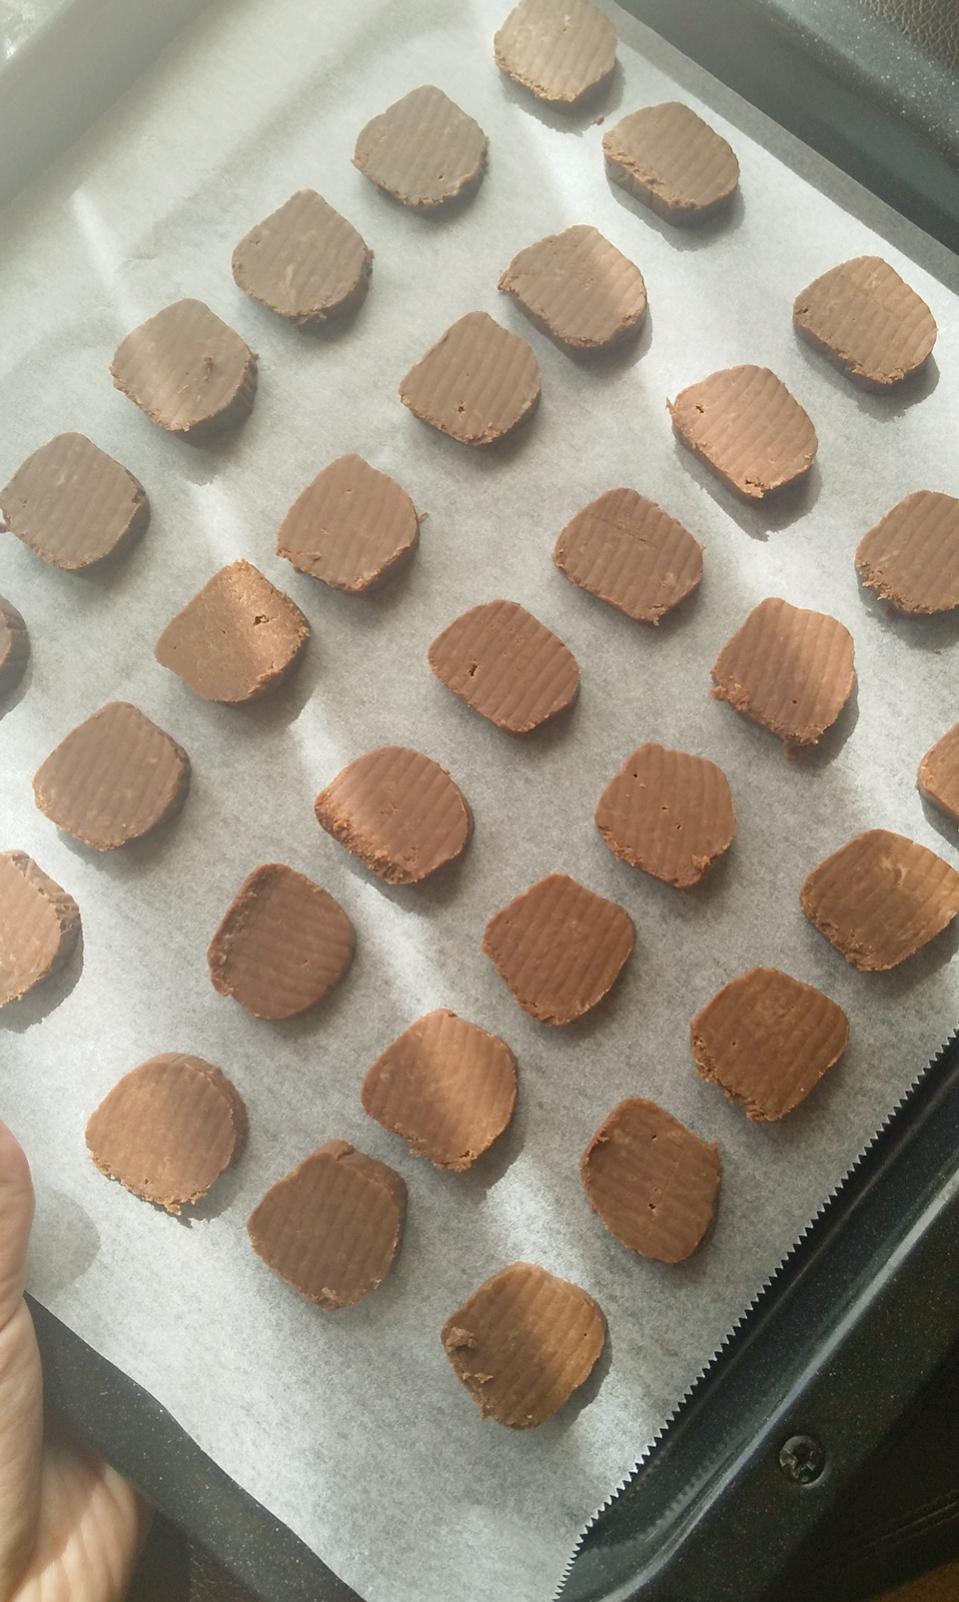 レシピあり【材料3つで!?】ホロホロの生チョコクッキーが自宅で簡単にできちゃうなんて!_8